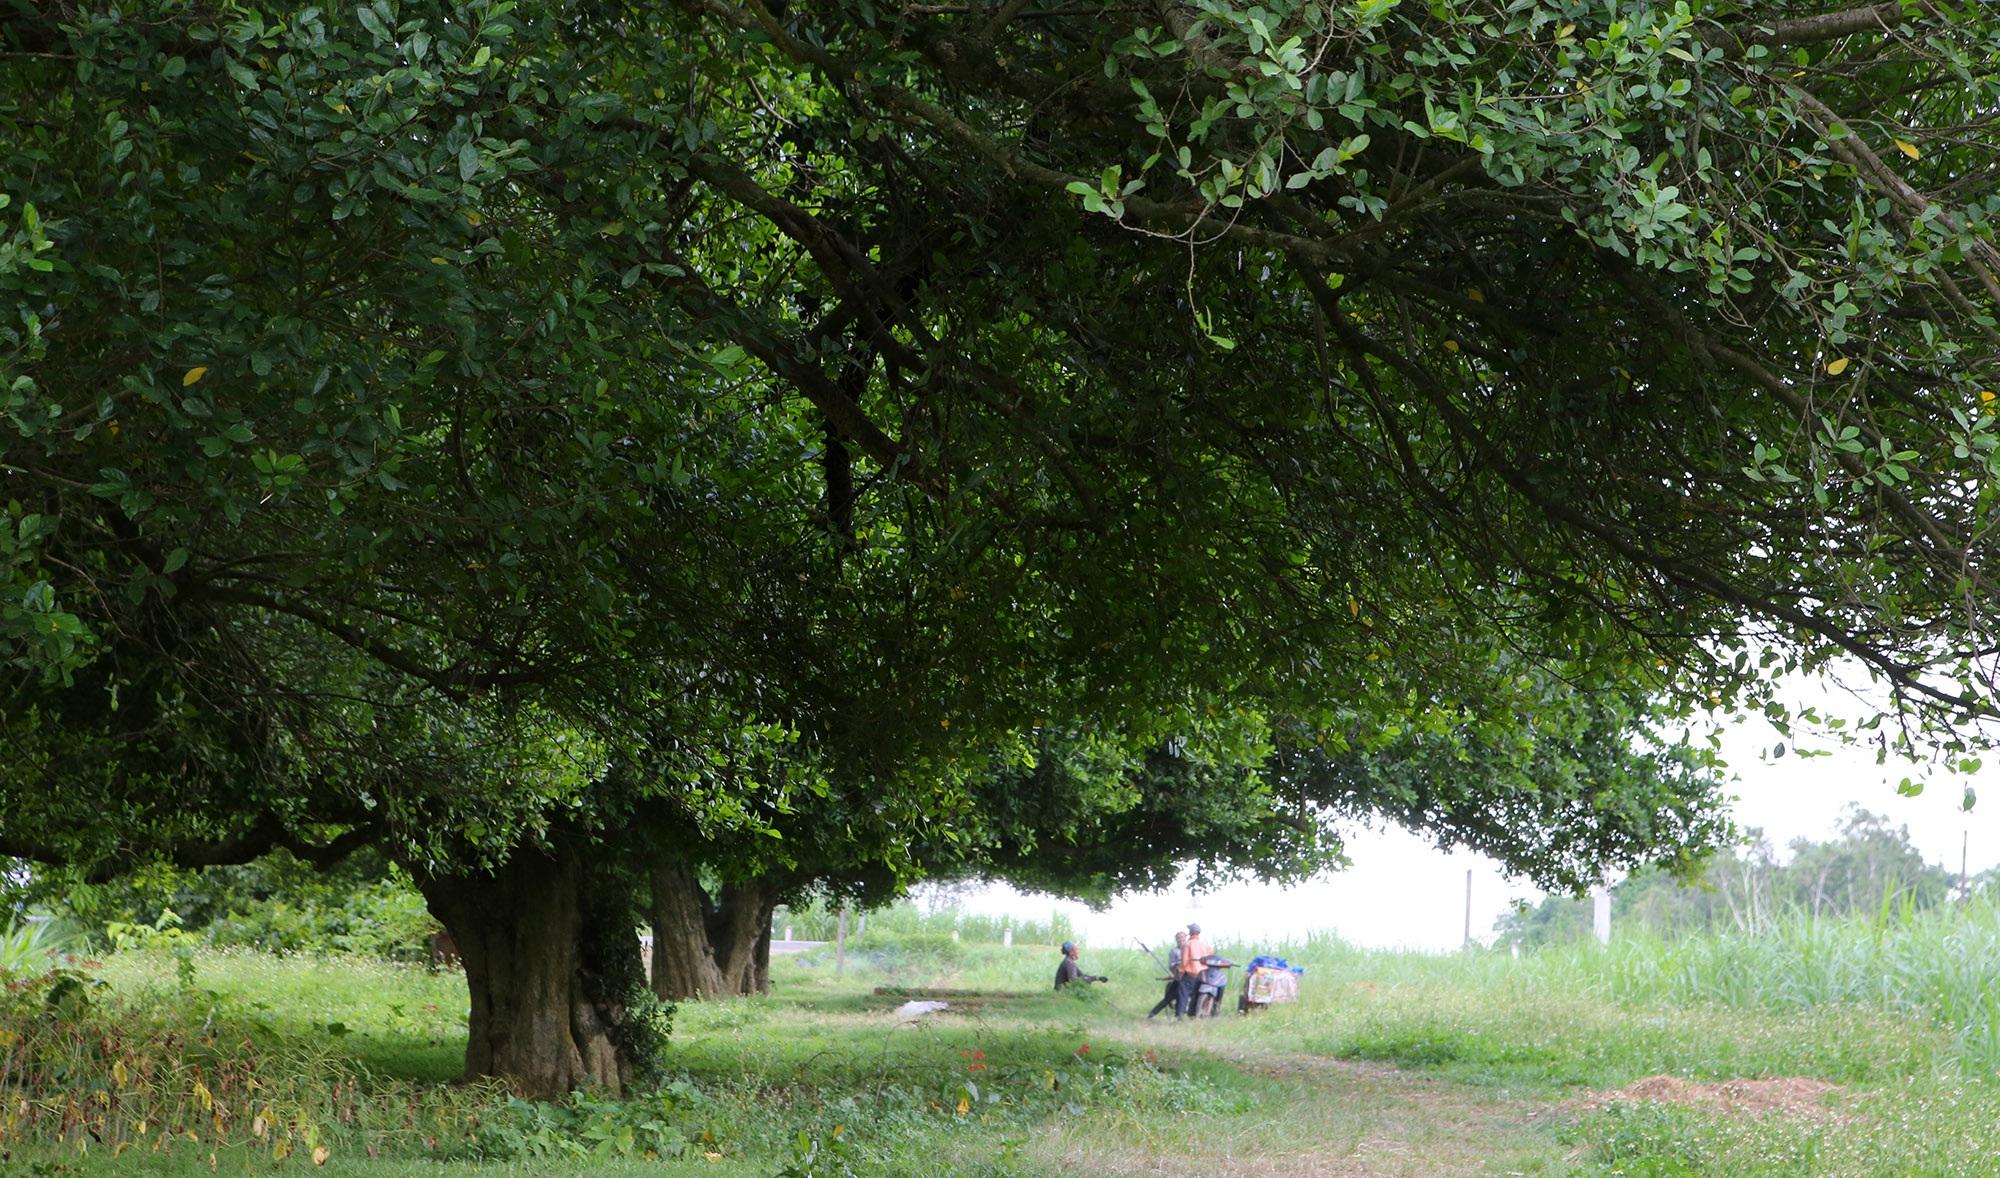 Rặng cây duối cổ hơn 1000 năm tuổi ở Hà Nội - 9